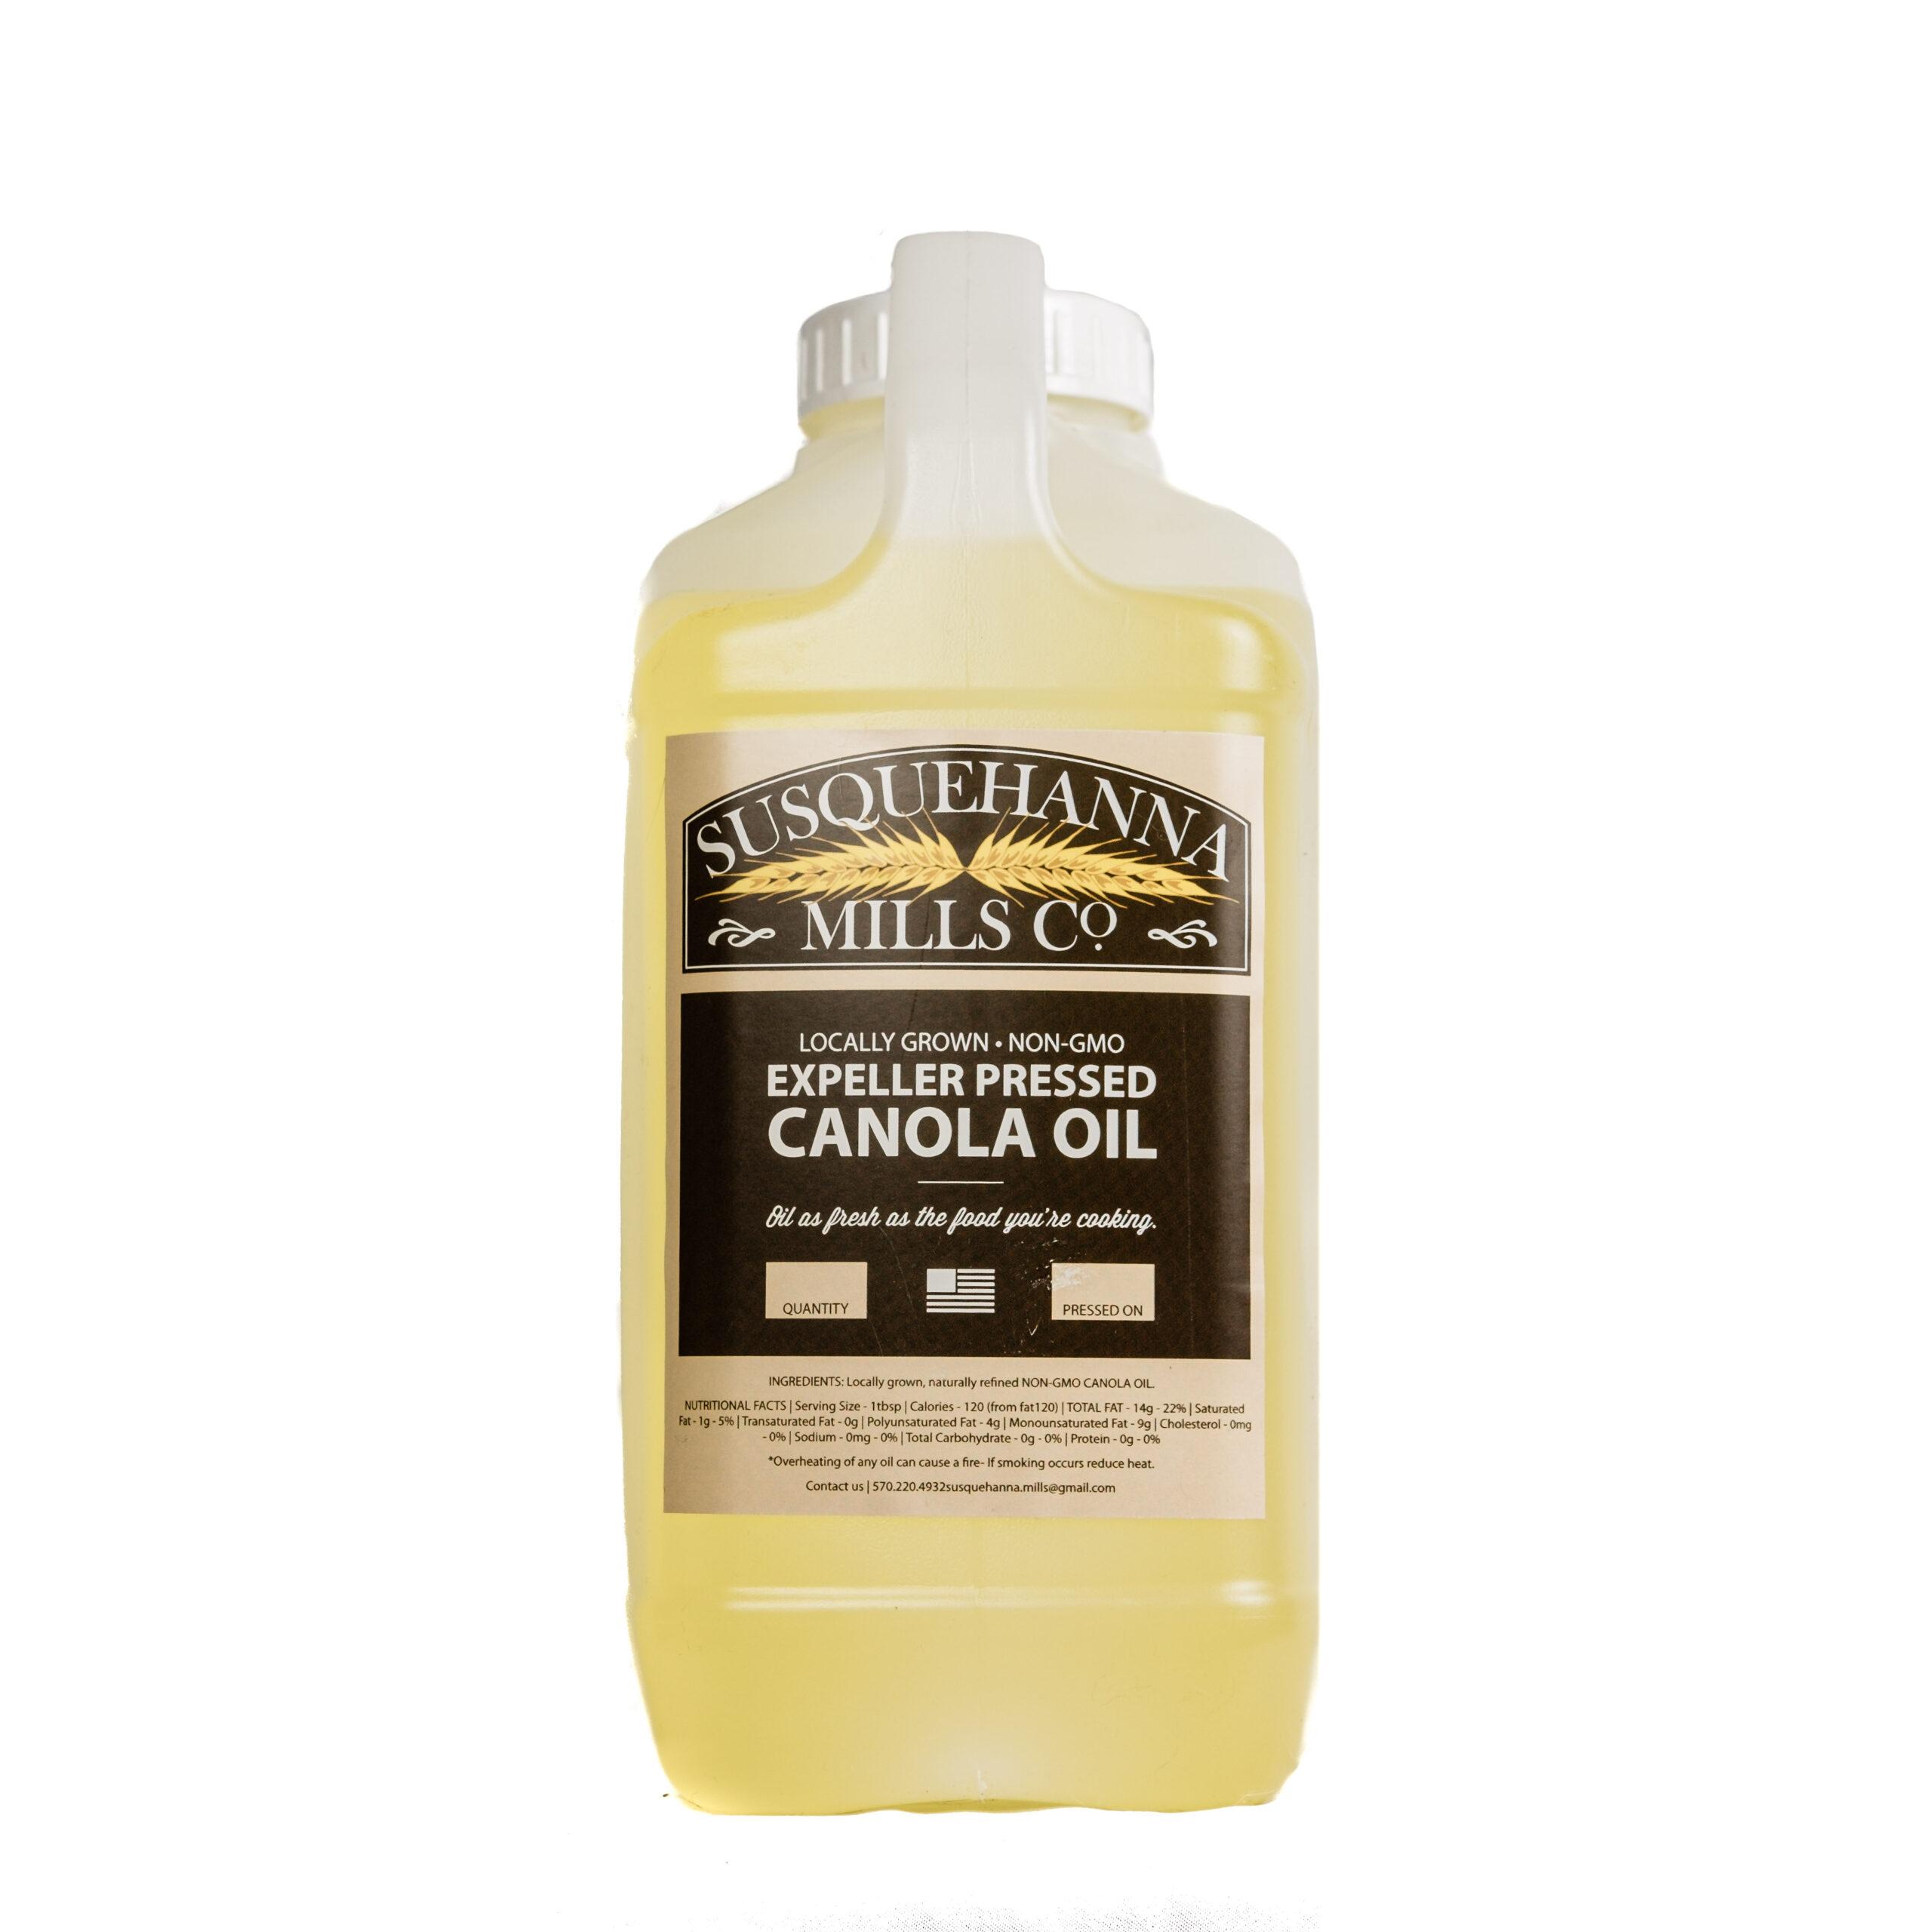 Non-GMO Caola Oil Gallon